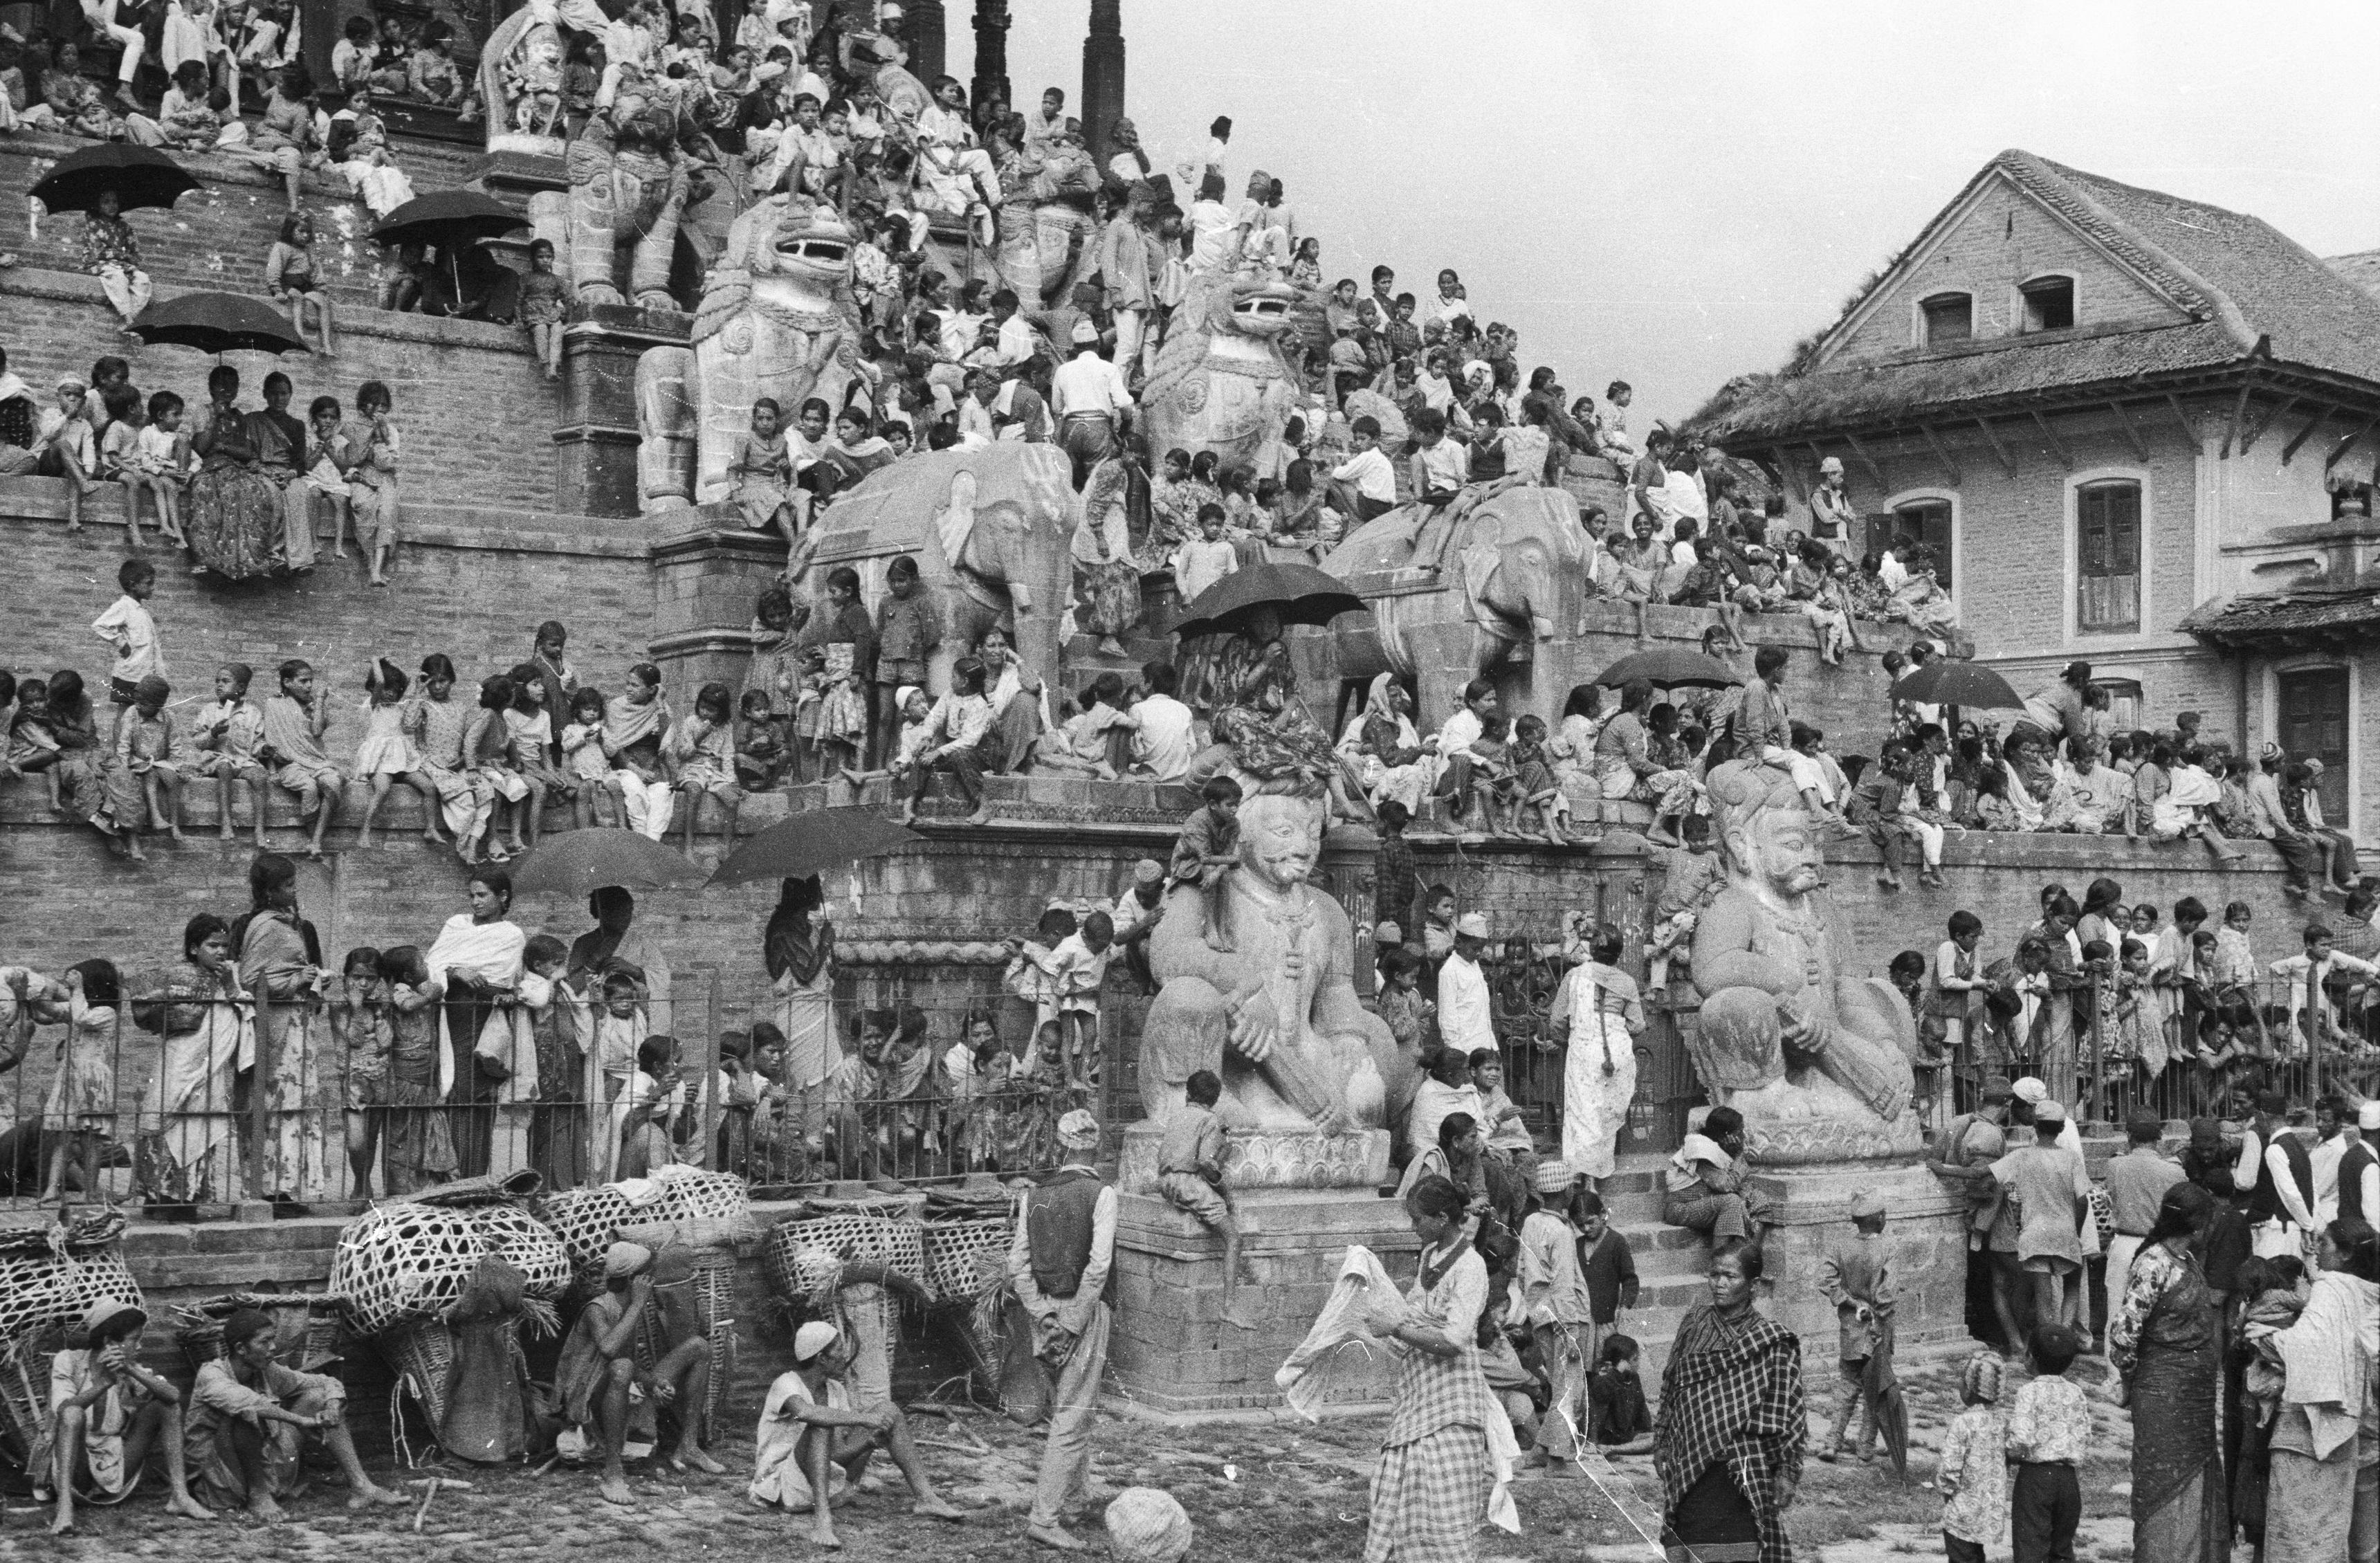 Photo Corneille Jest, fonds du CEH, 1969, Foule des spectateurs sur les gradins du Nyatapola, Bhaktapur, Katmandou, Népal